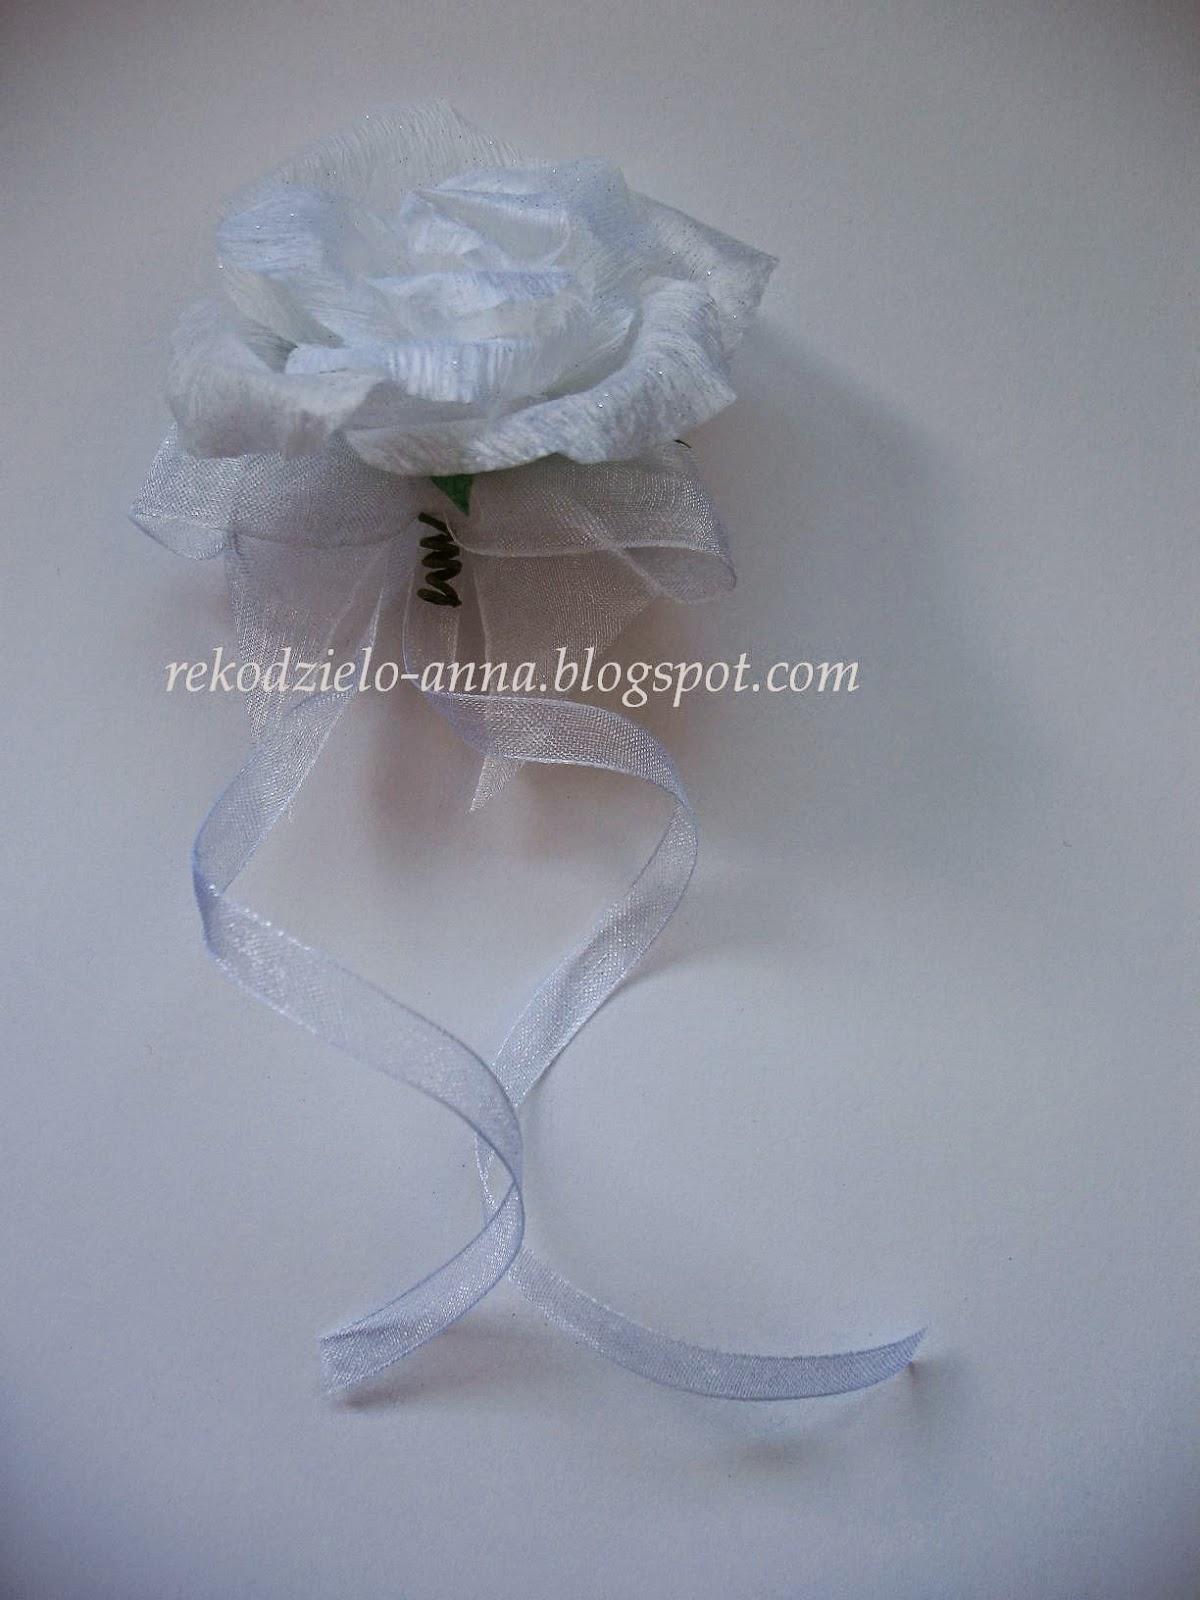 Kotylion na rękę – róża niewywijana